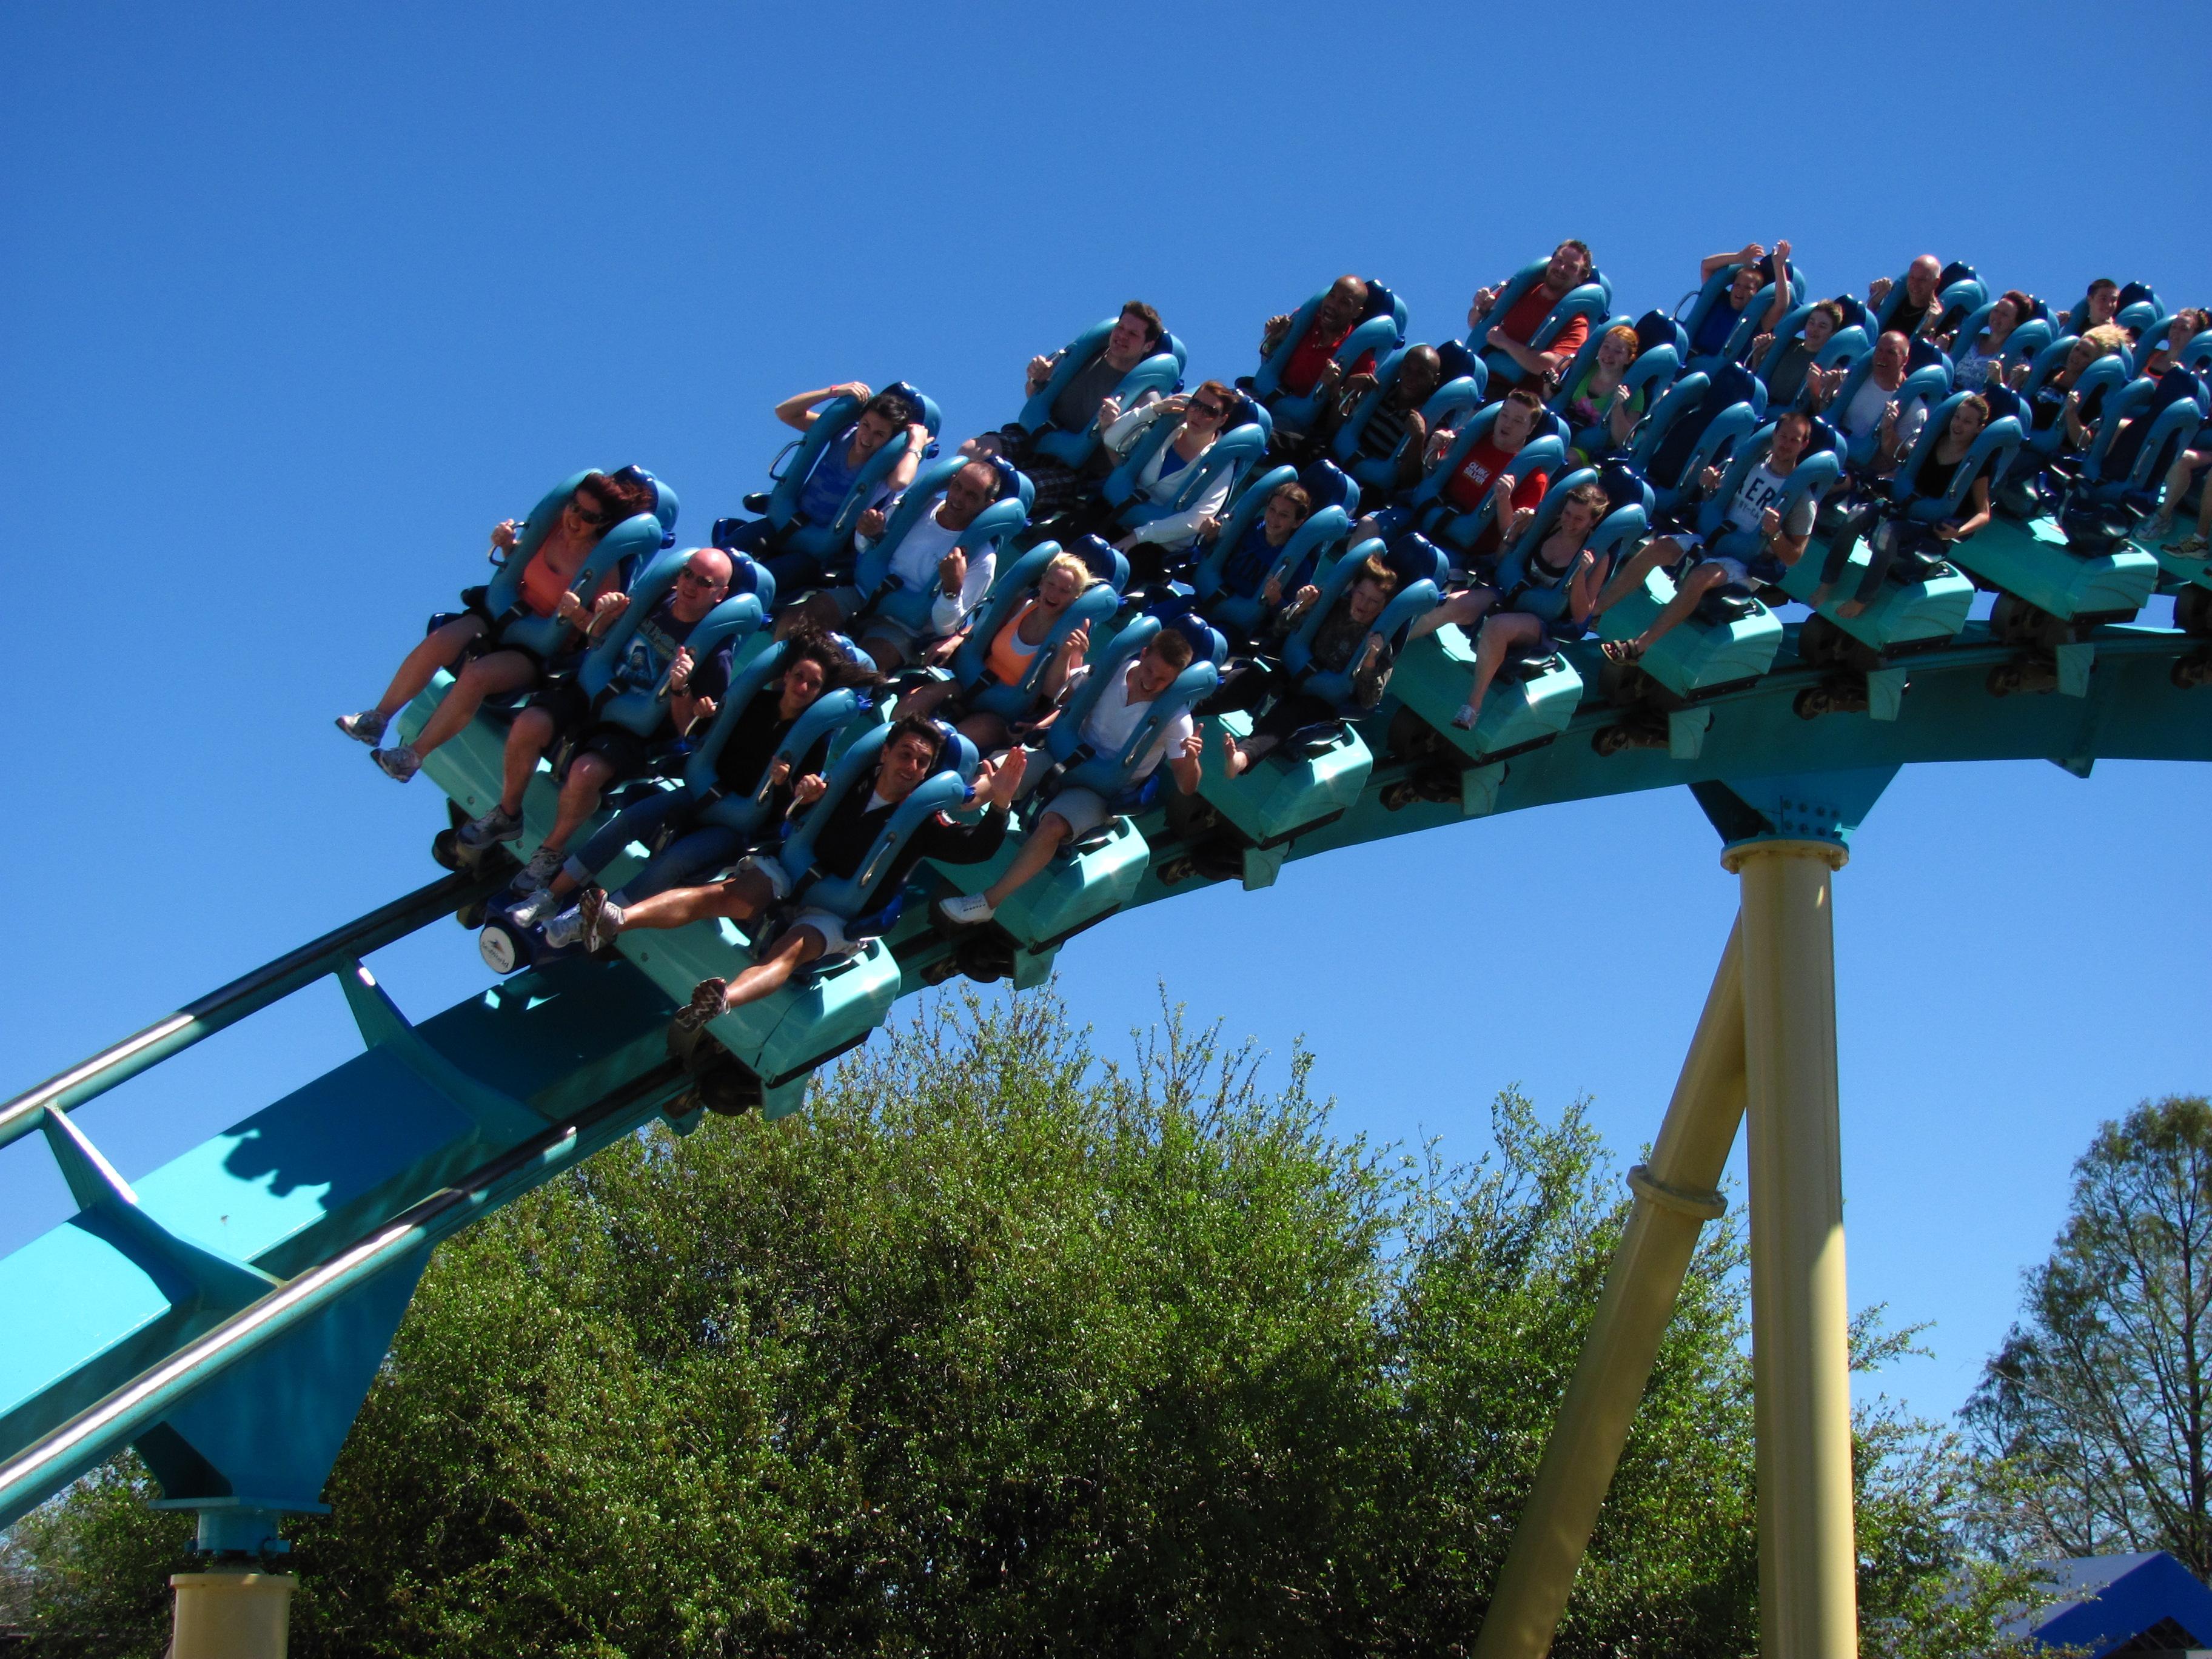 File:Kraken at SeaWorld Orlando 12.jpg - Wikimedia Commons